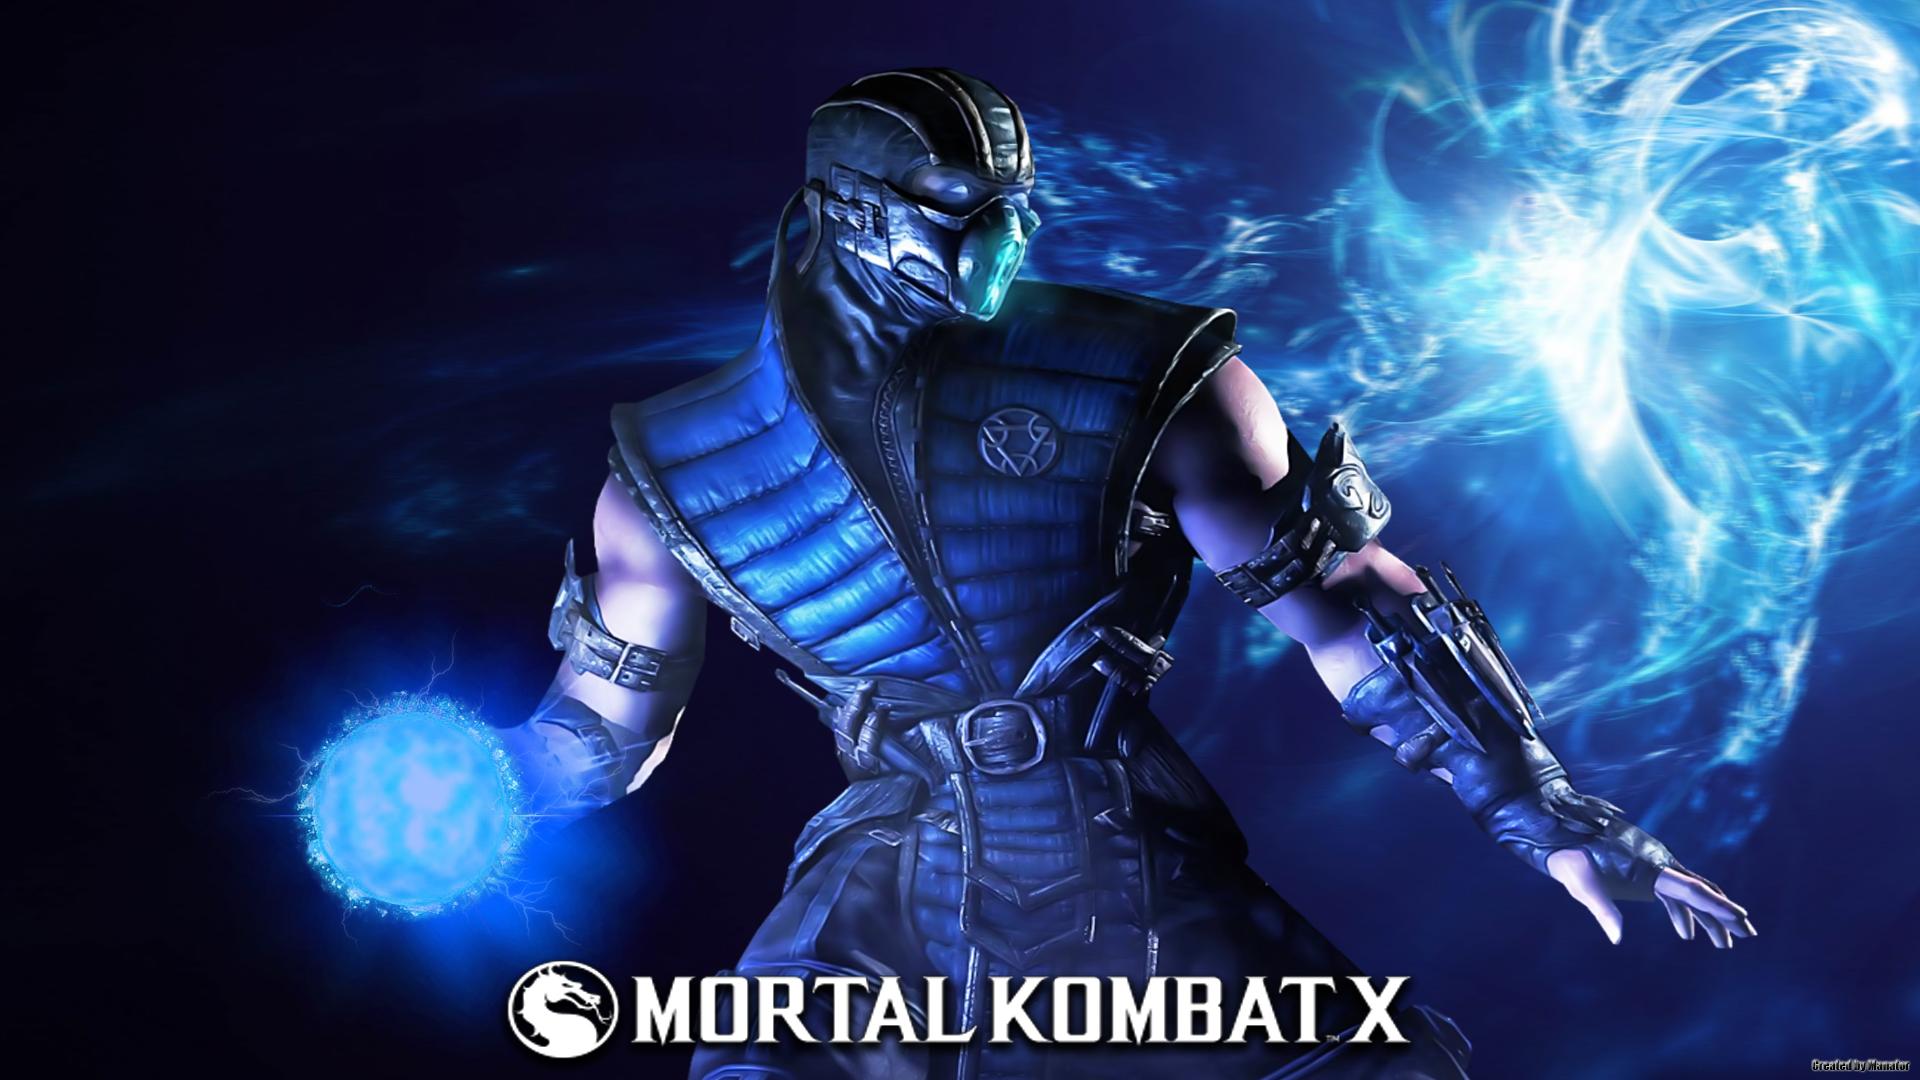 Mortal Kombat X 1920x1080